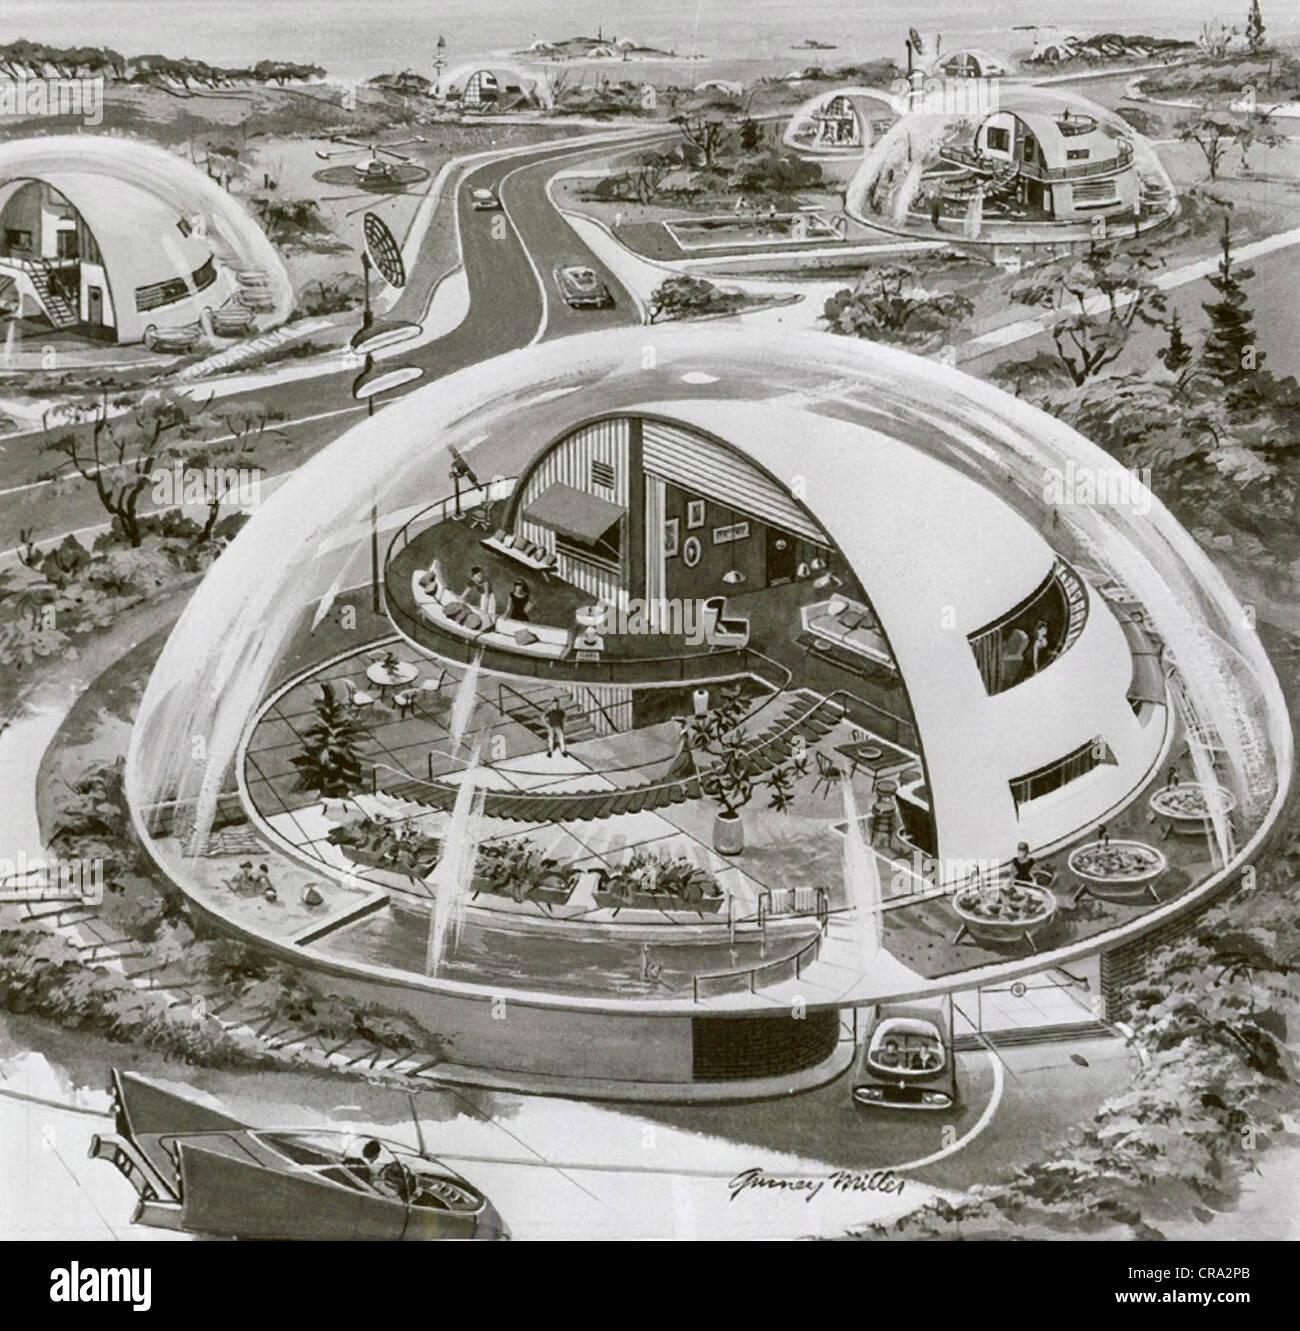 Dome House Futuristic: Futuristic Drawing Of House Of The Future Stock Photo